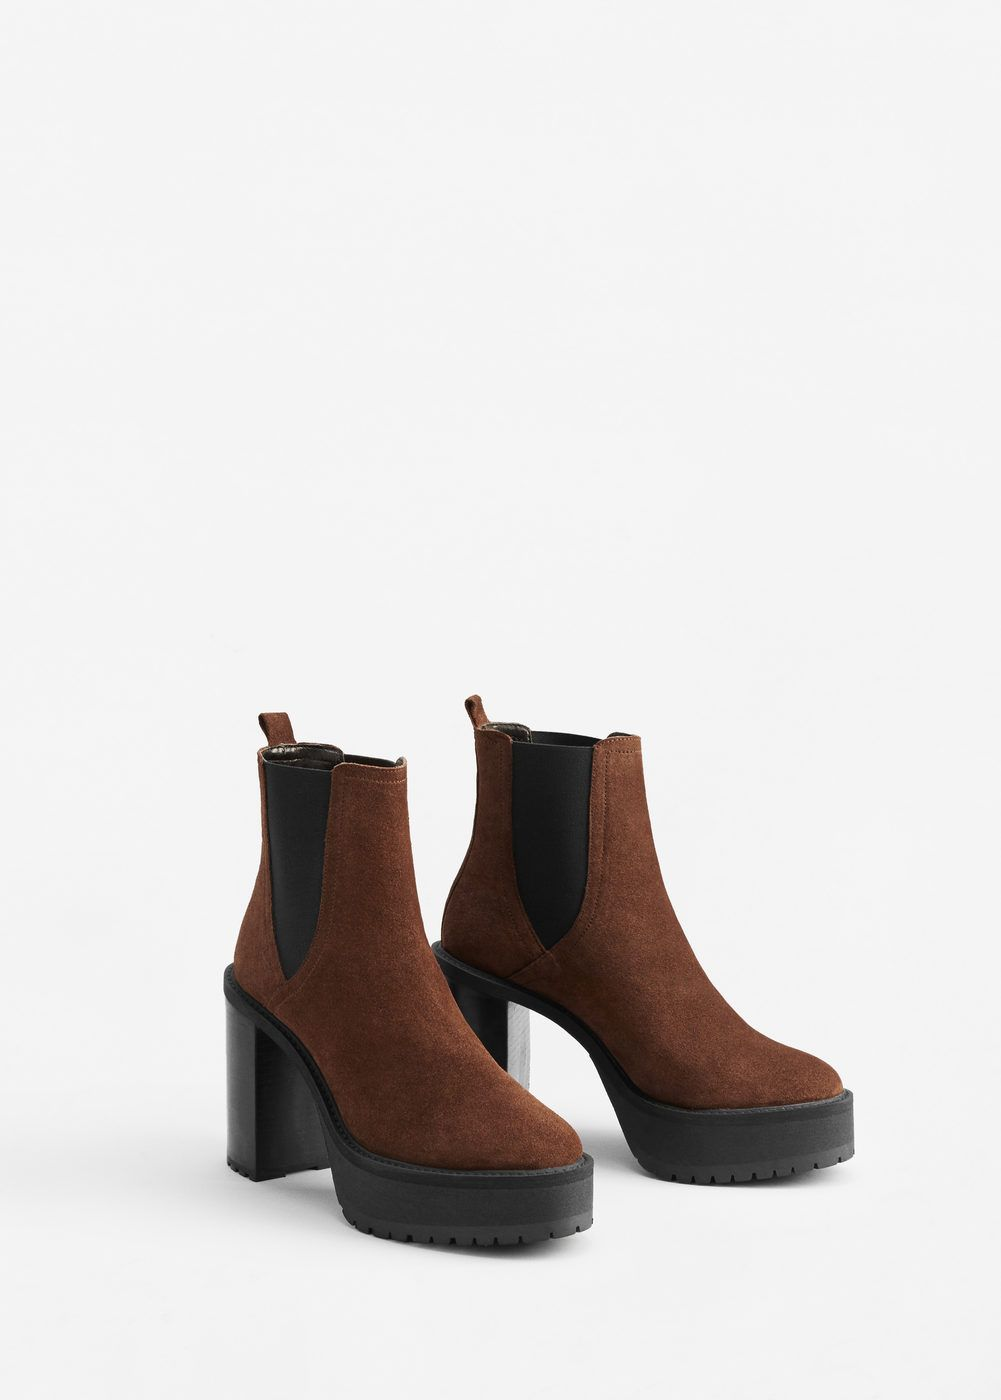 Kaki Chaussures À Semelles Wit Wit Épais Y7k89at